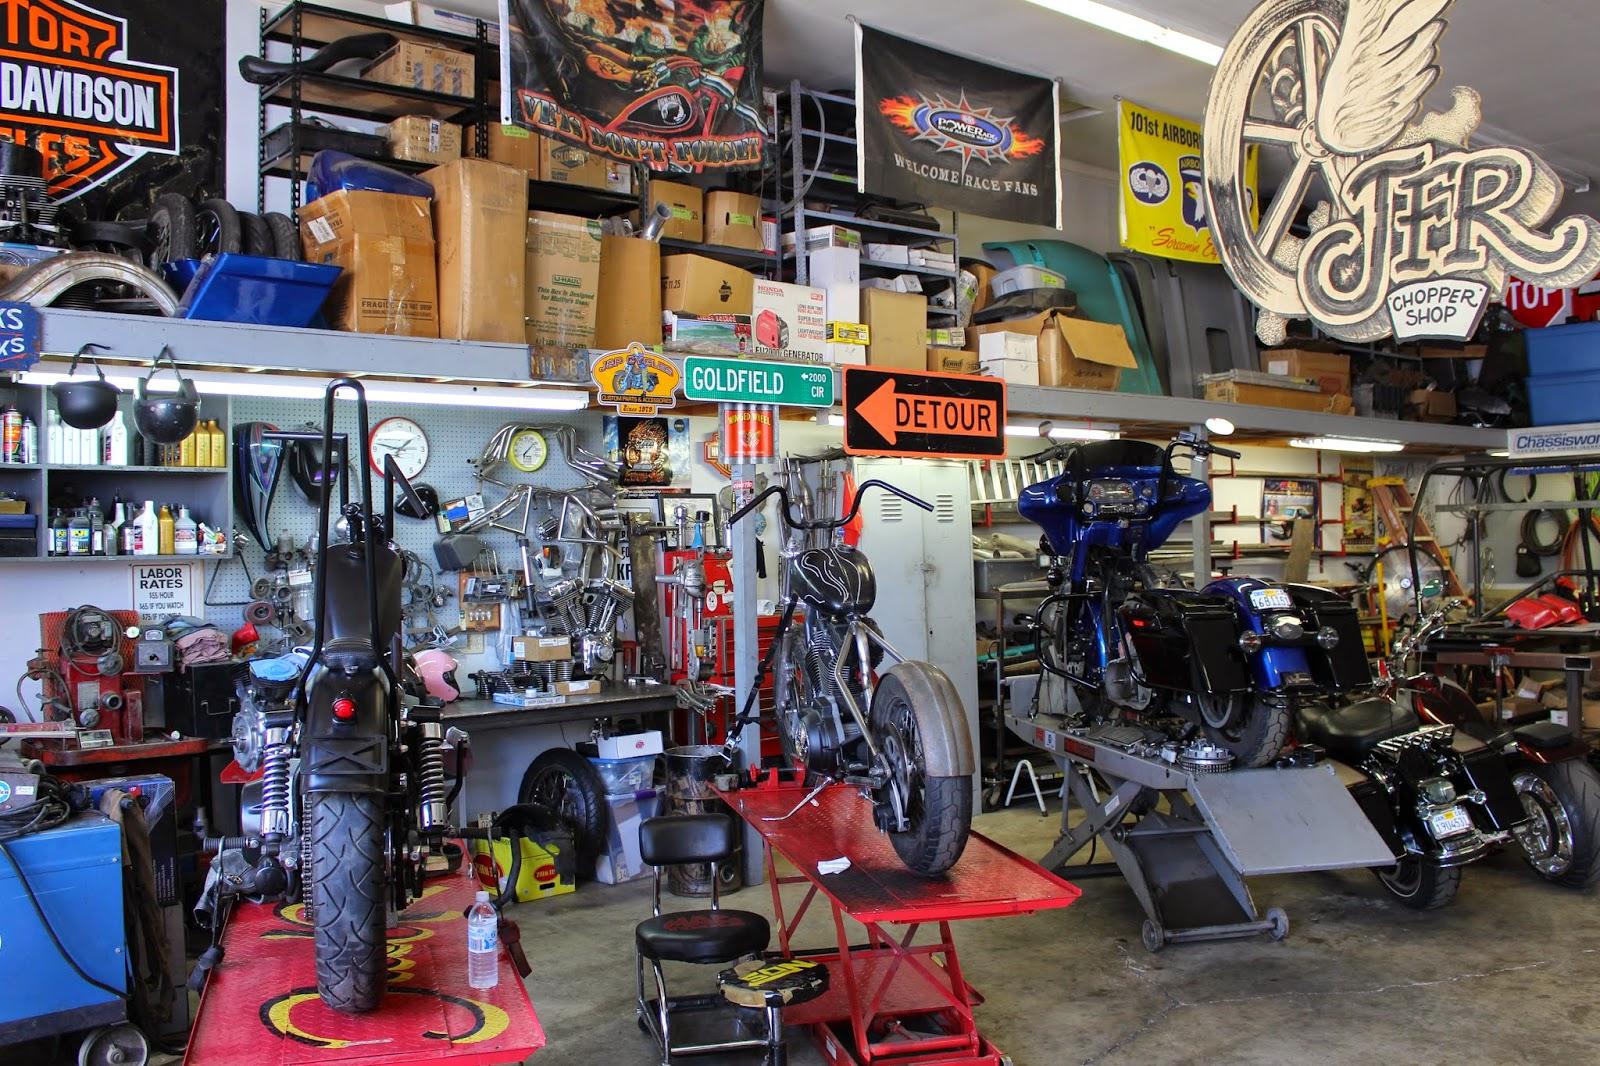 pin up motorcycle garage. Black Bedroom Furniture Sets. Home Design Ideas